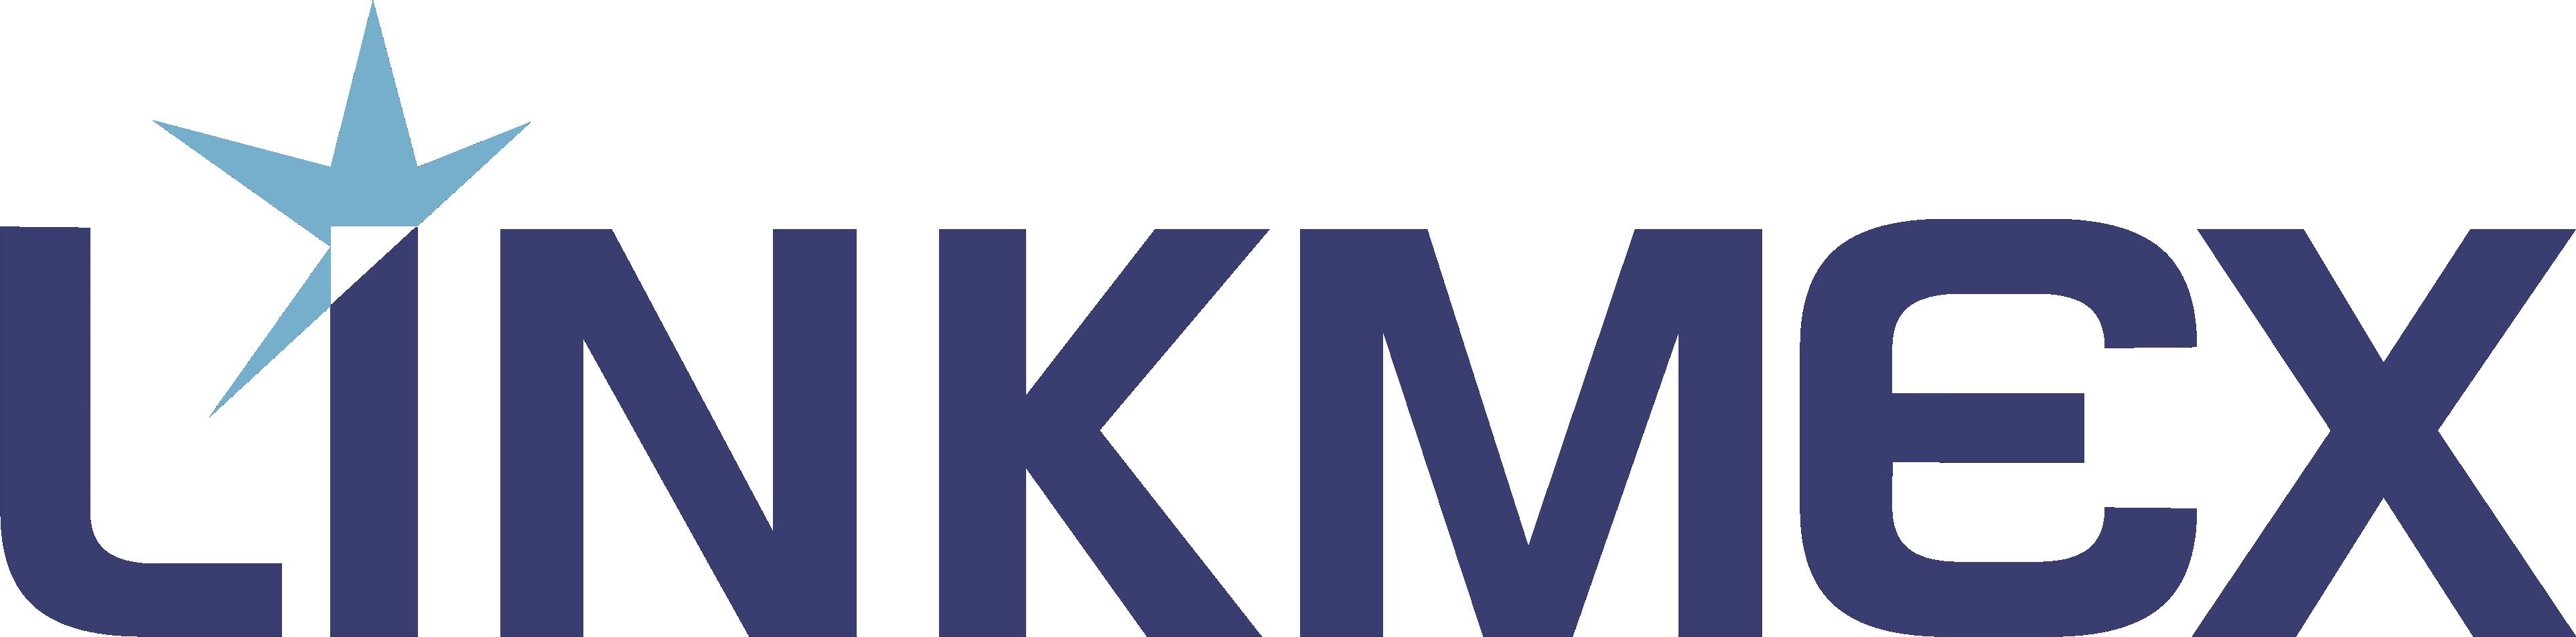 Logo Linkmex_sem fundo_azul